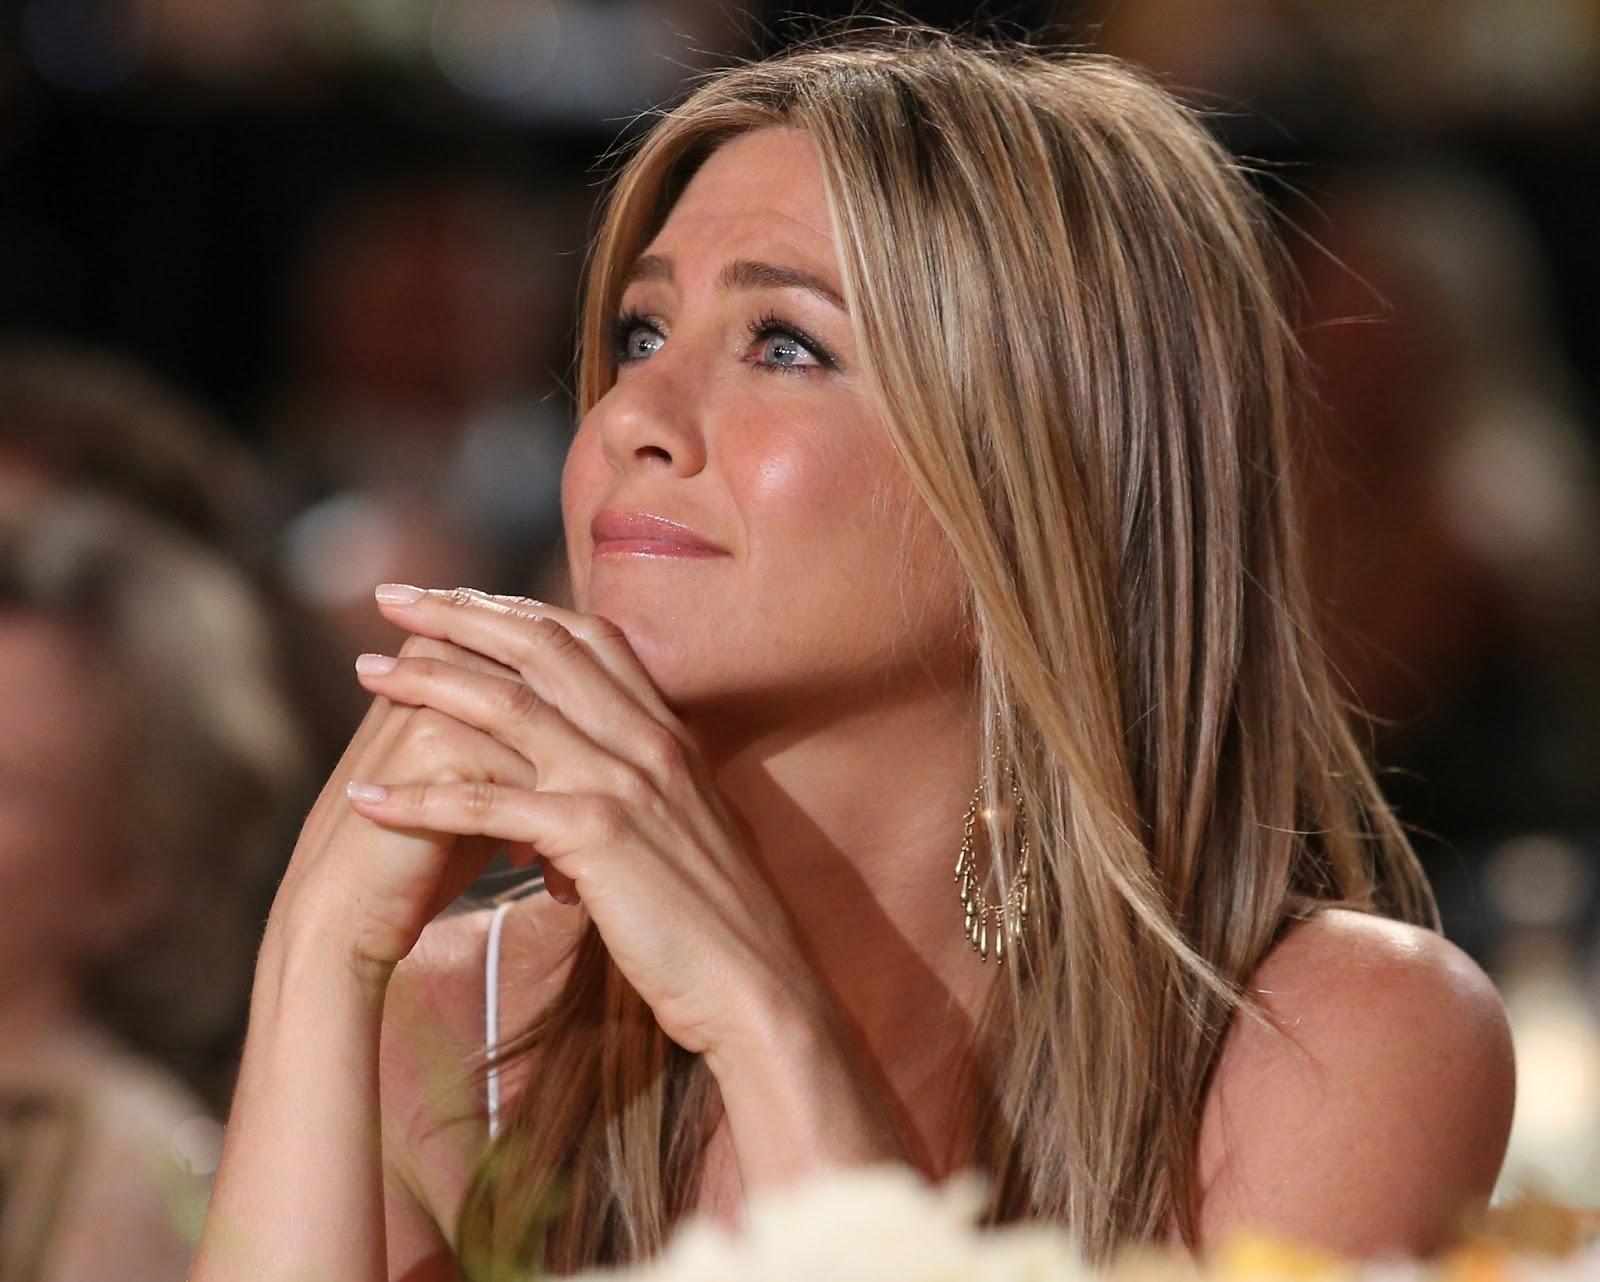 http://3.bp.blogspot.com/-R1vOuJx3L-k/URx5b1qPQfI/AAAAAAAADkk/IlbQNL8K9-A/s1600/Jennifer+Aniston_5.jpg